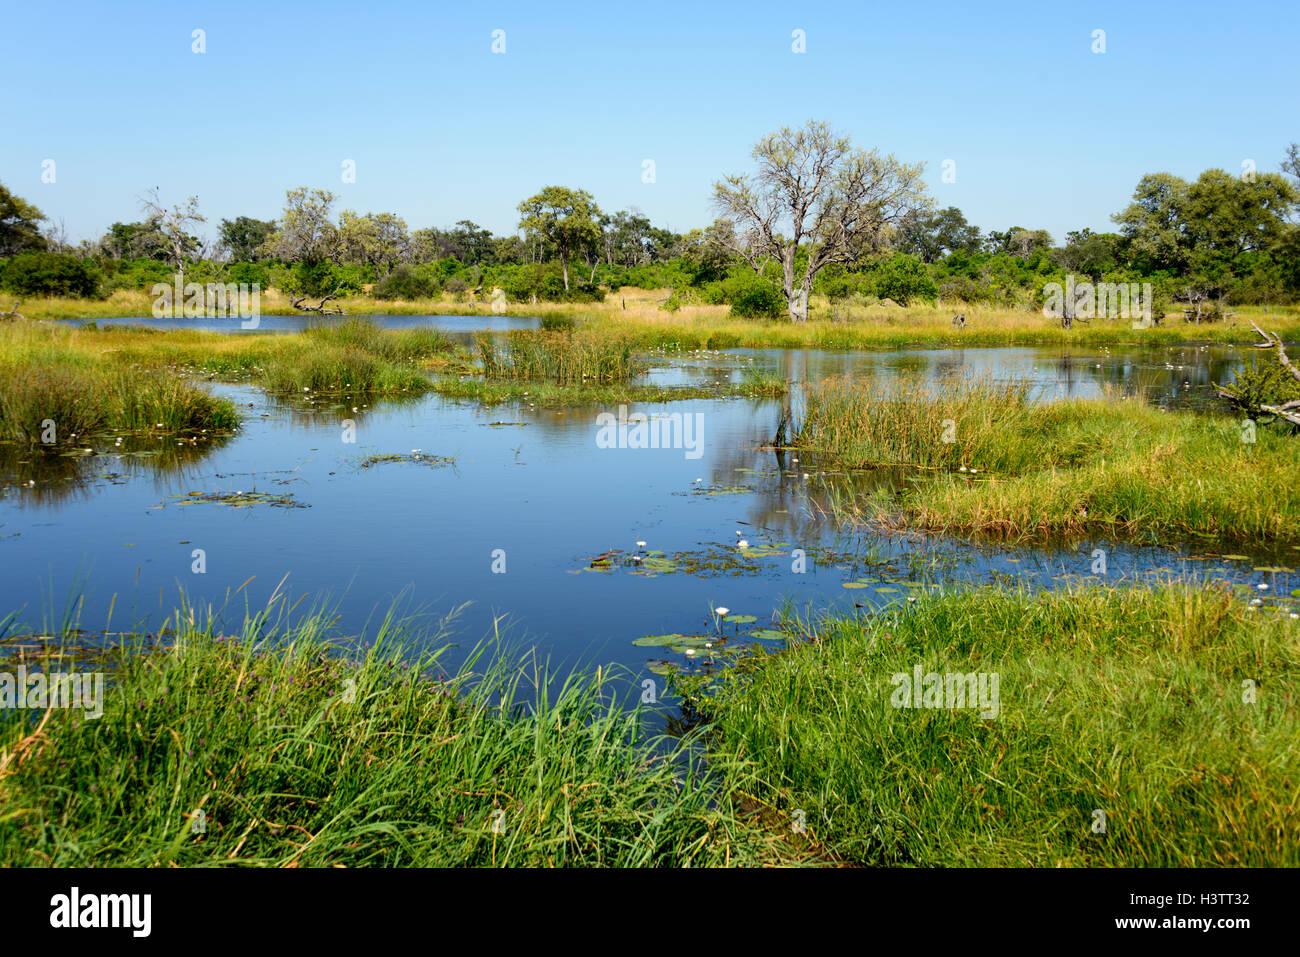 Khwai River near Mababe Village, Botswana - Stock Image